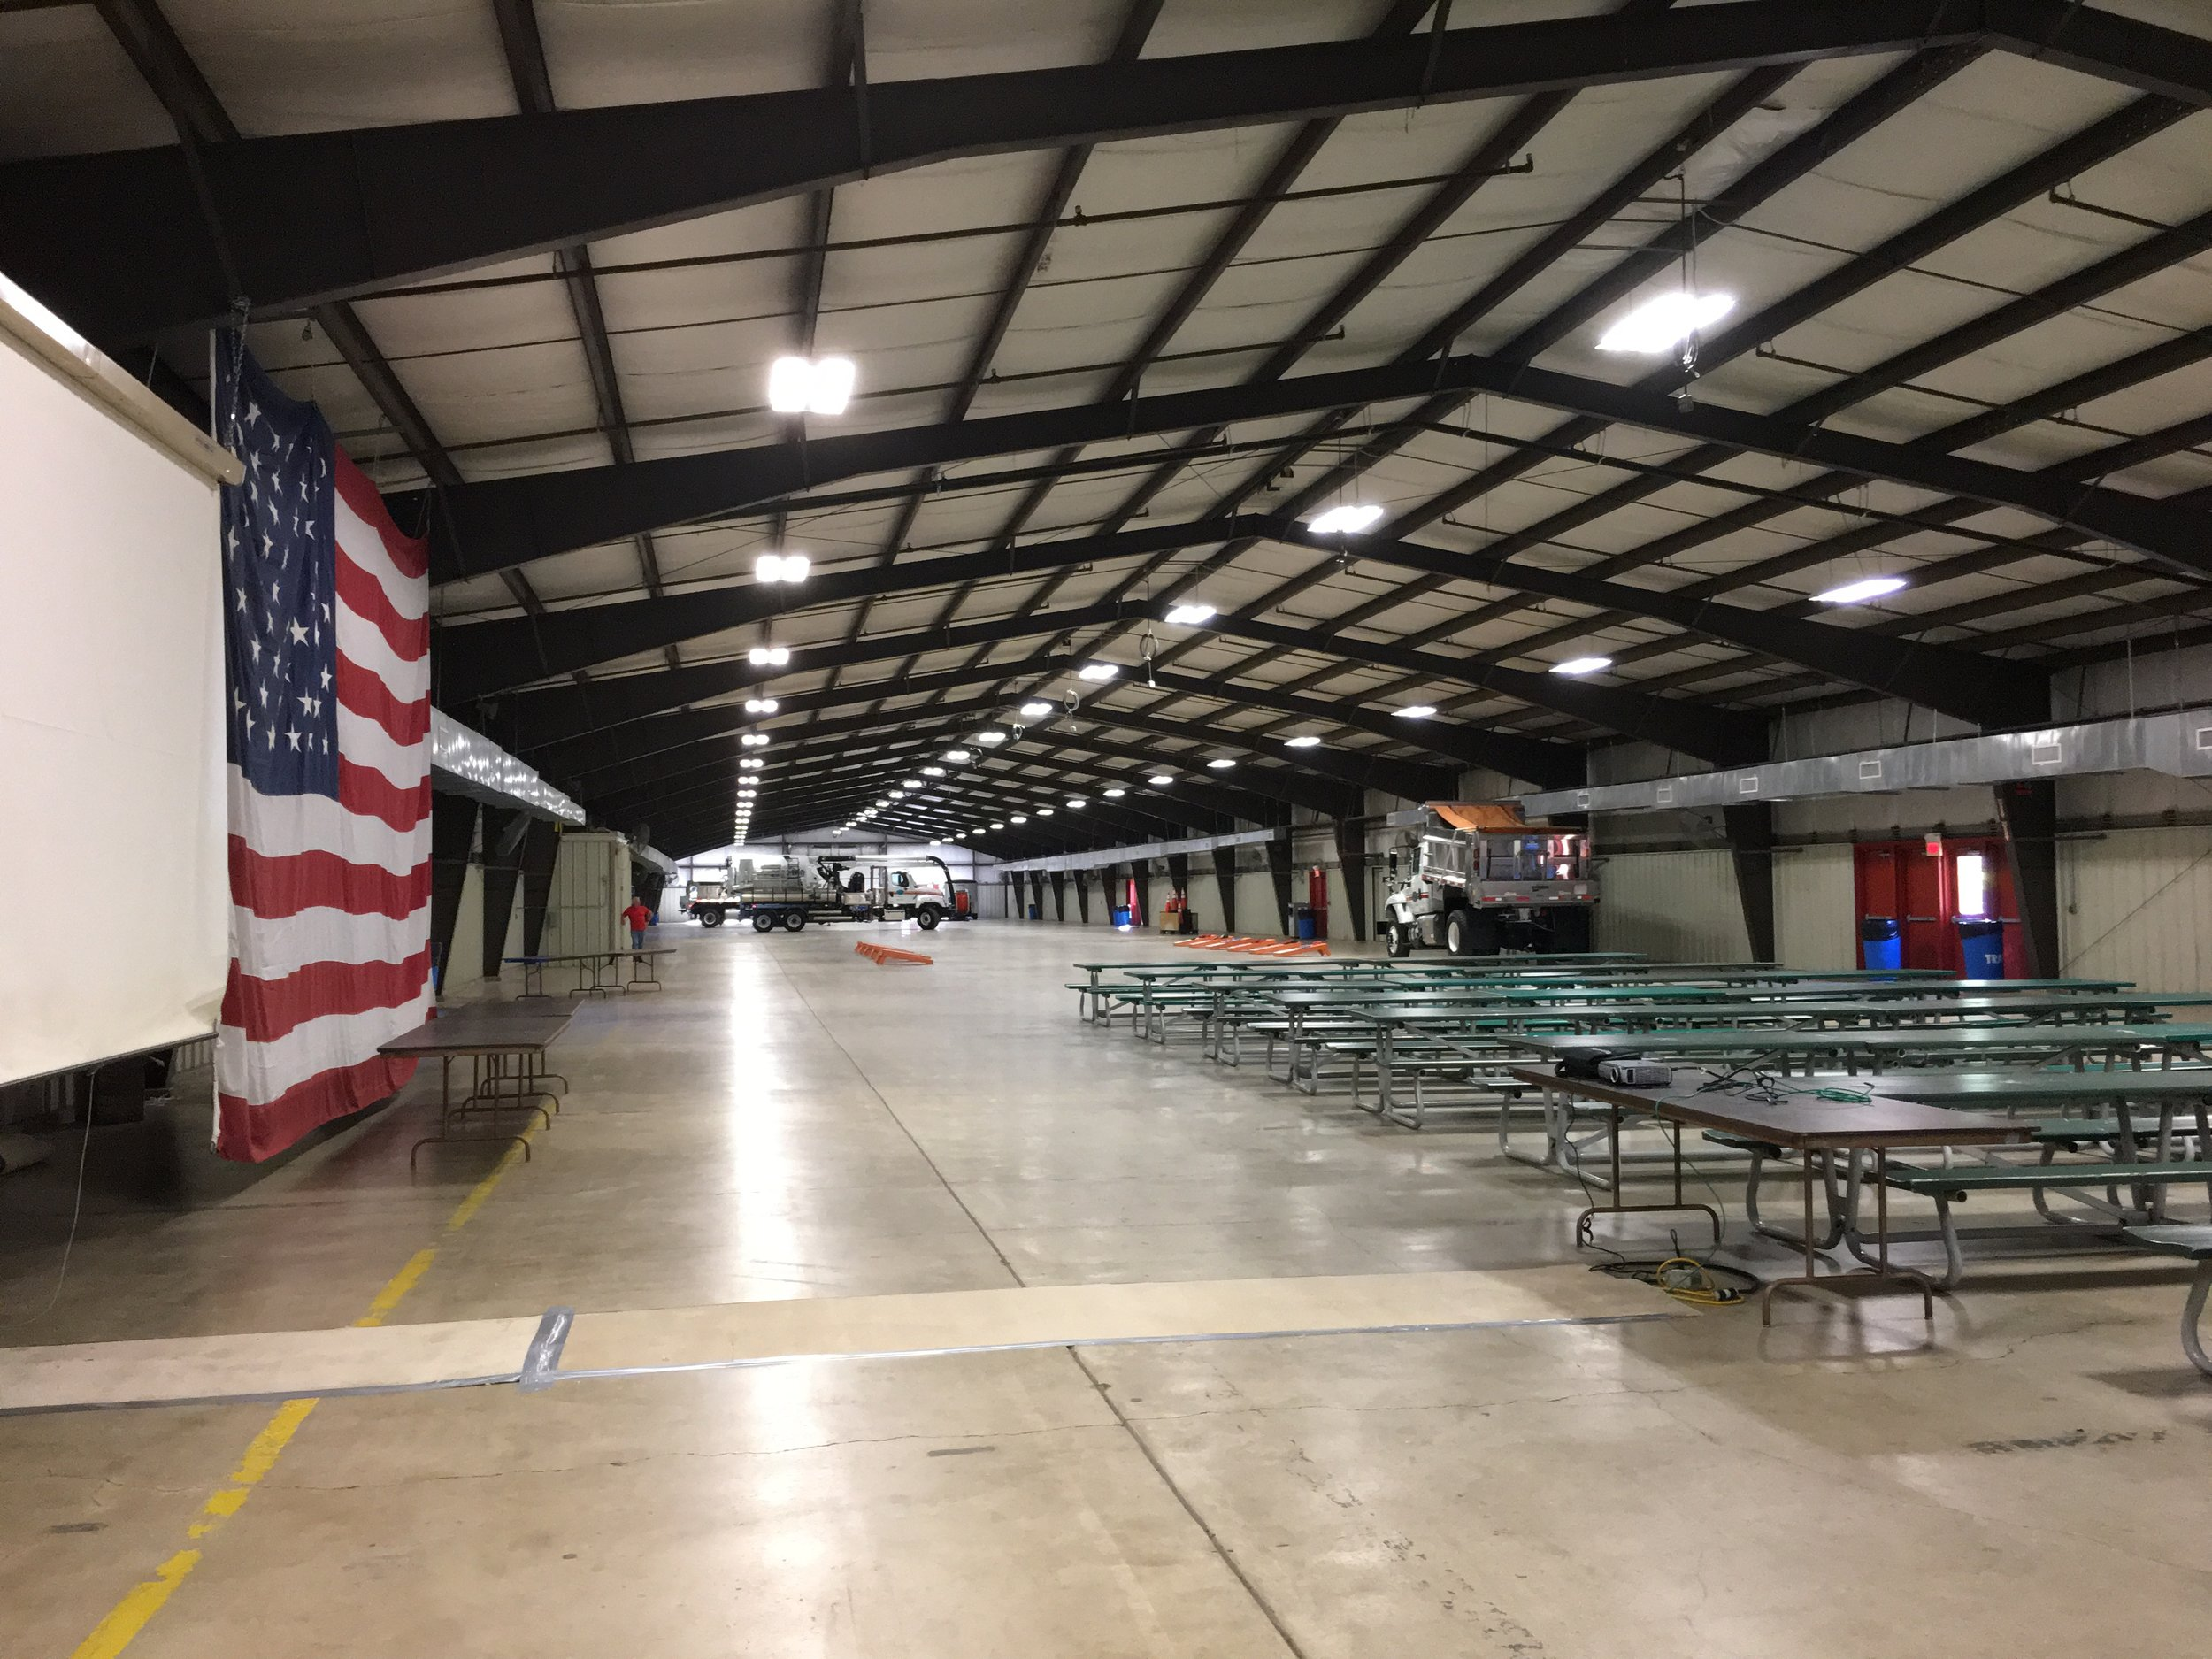 Main Exhibition Hall - Snow Rodeo (Oct. 3-5, 2017) - set up for indoor activities #2.JPG